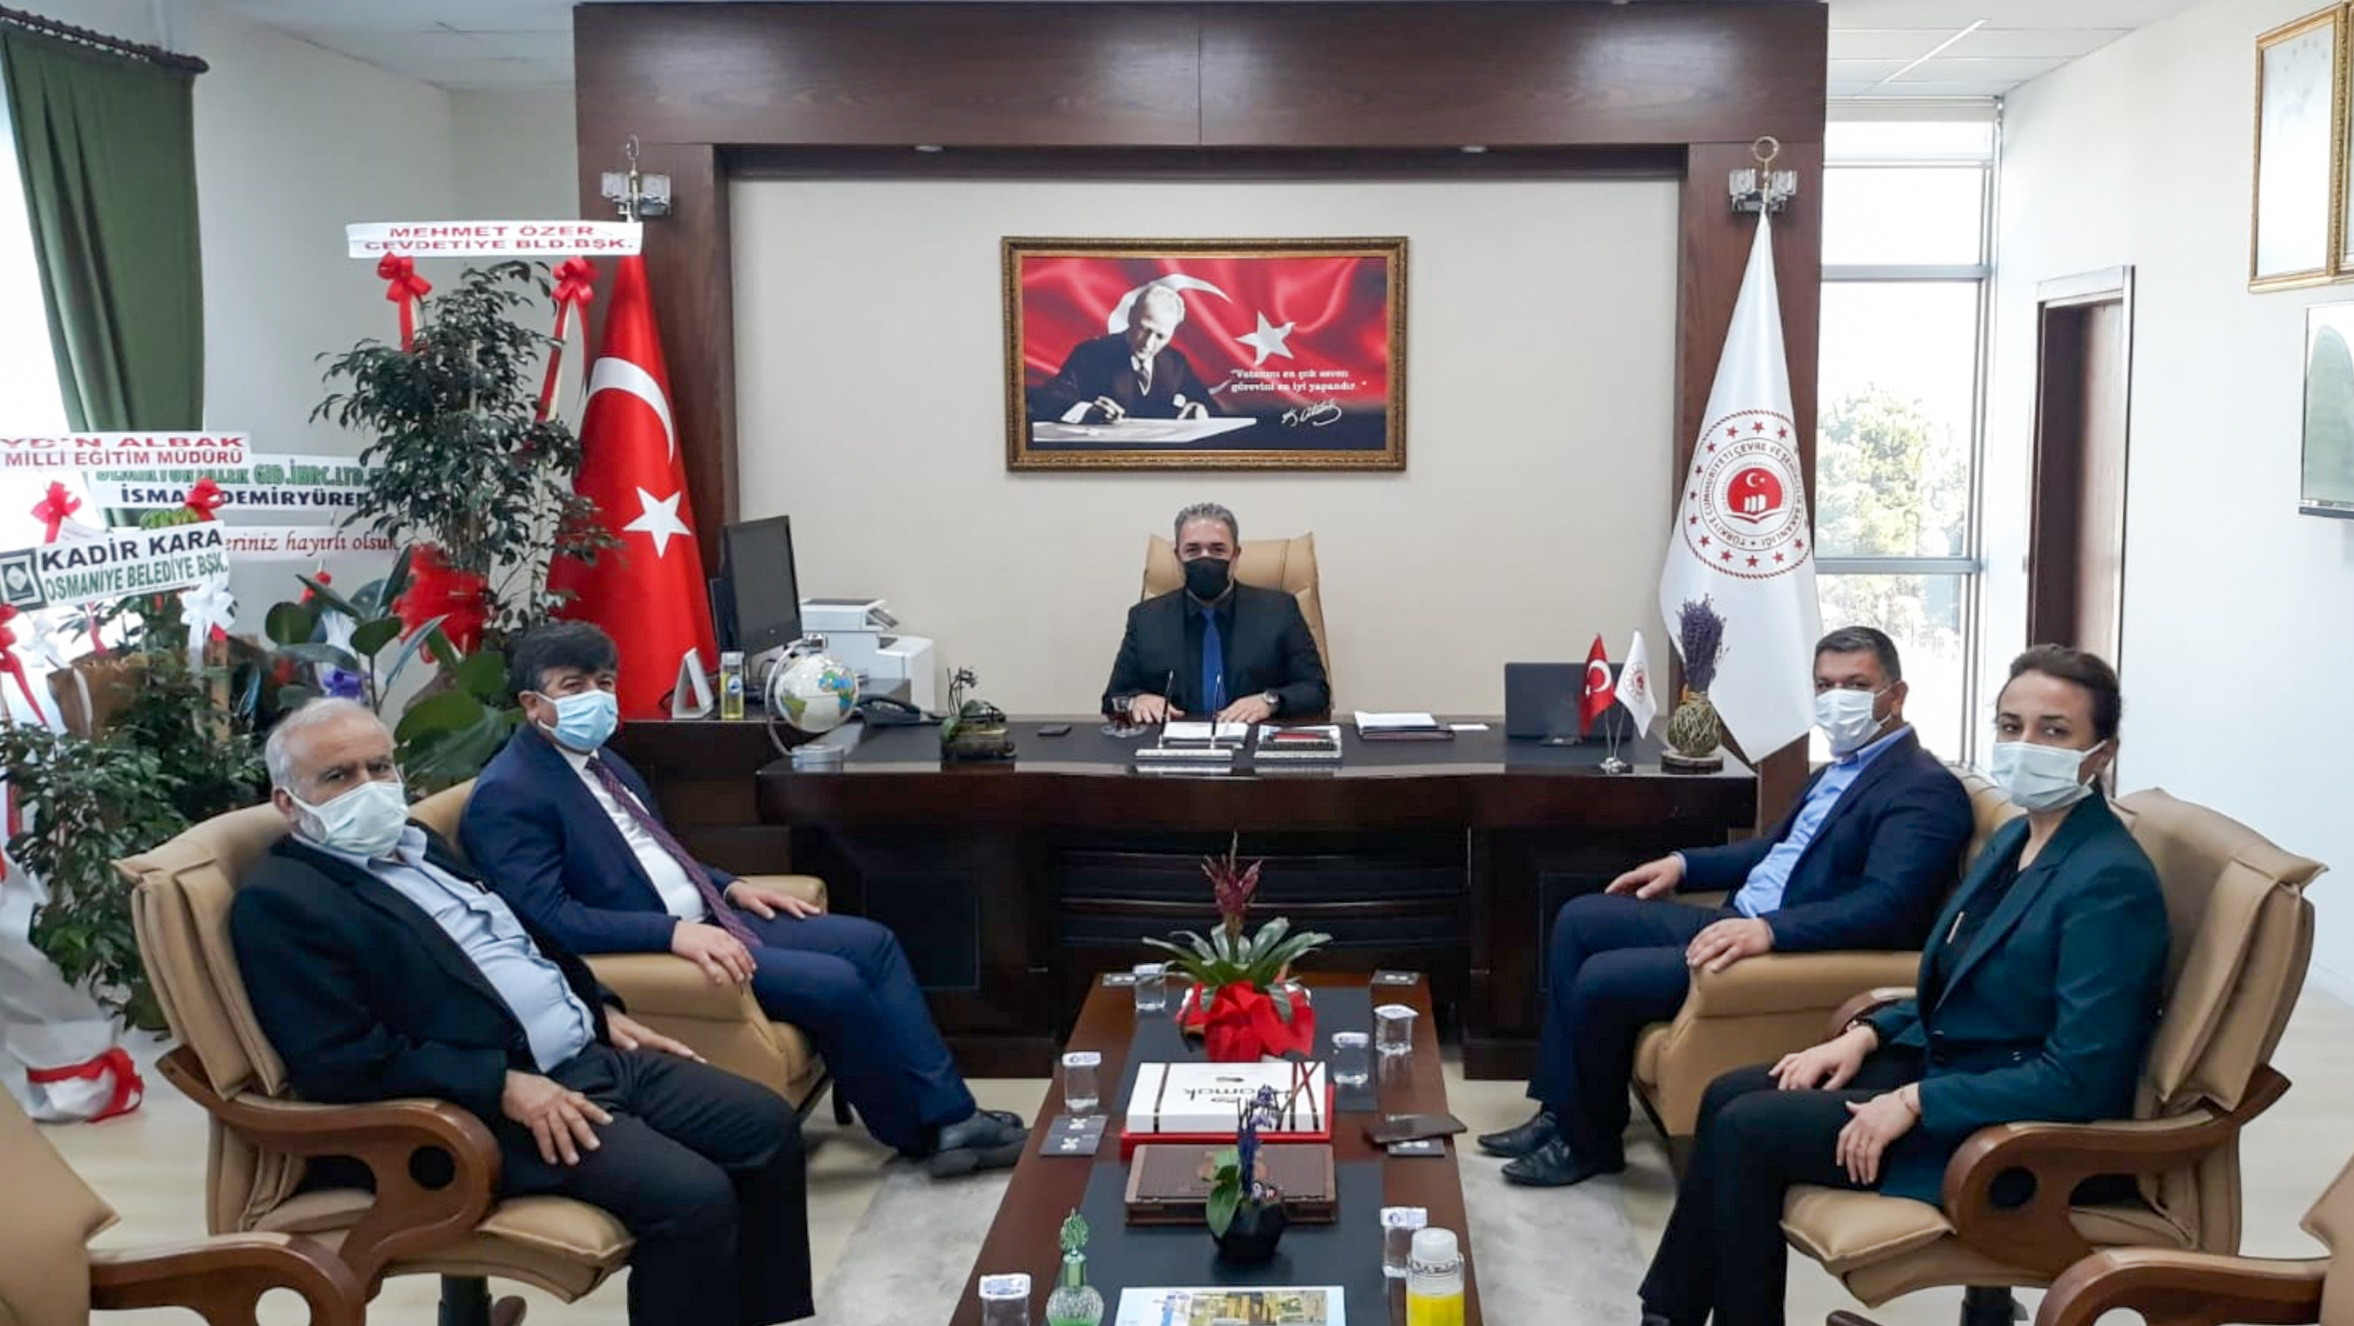 Bahçe İlçesi Belediye Başkanı Sayın İbrahim BAZ, AKP Bahçe İlçe Başkanı Sayın Zekeriya ÇELİK ve AKP İl Genel Meclis üyesi Sayın Ali KILIÇ İl Müdürümüz İrfan Remzi YILMAZ'ı ziyaret etti.